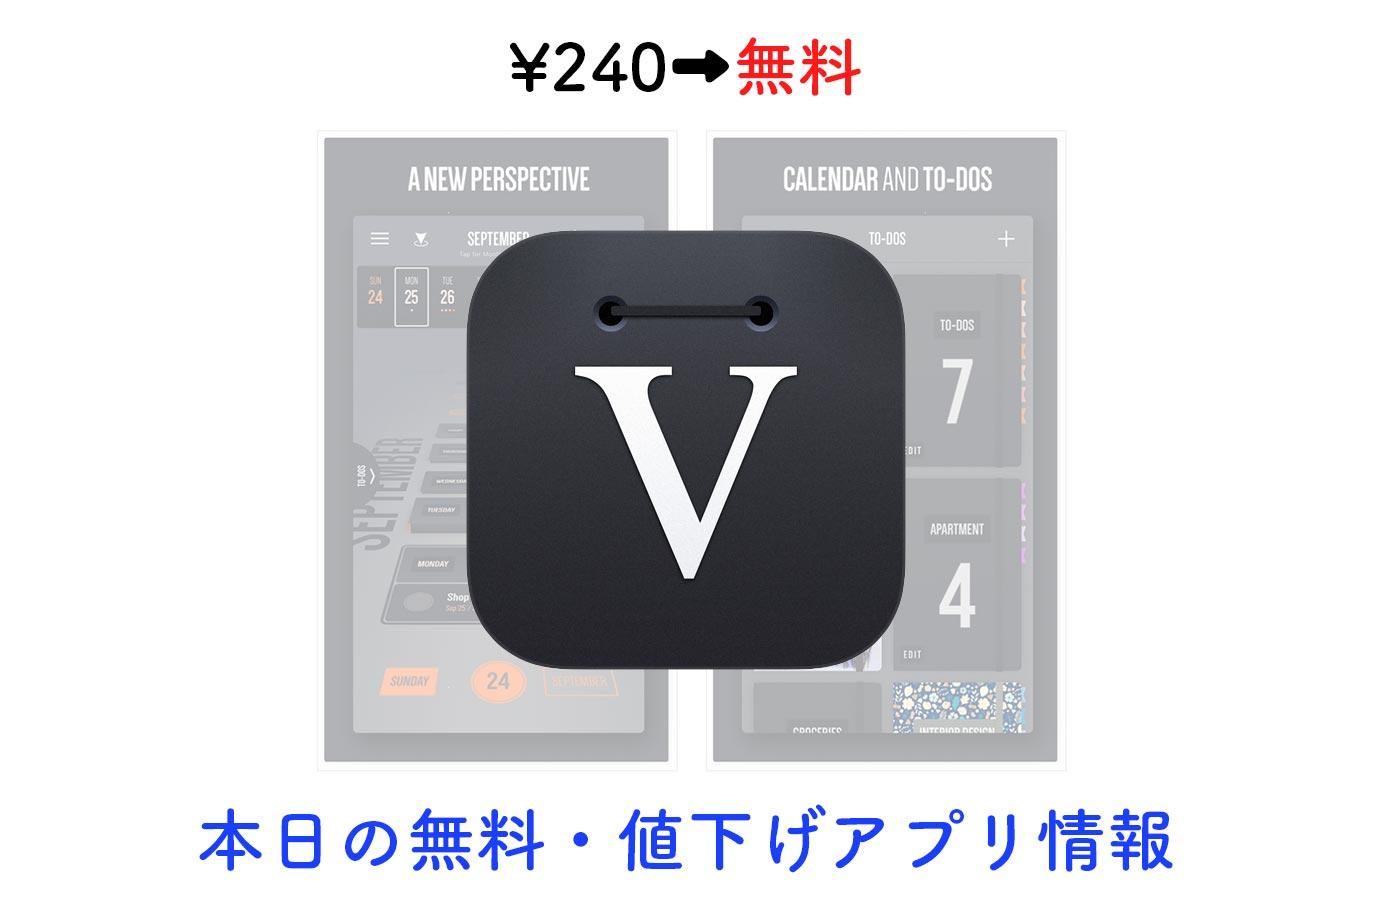 ¥240→無料、3D表示などデザインが特徴のカレンダー「Vantage Calendar」など【10/8】本日の無料・値下げアプリ情報